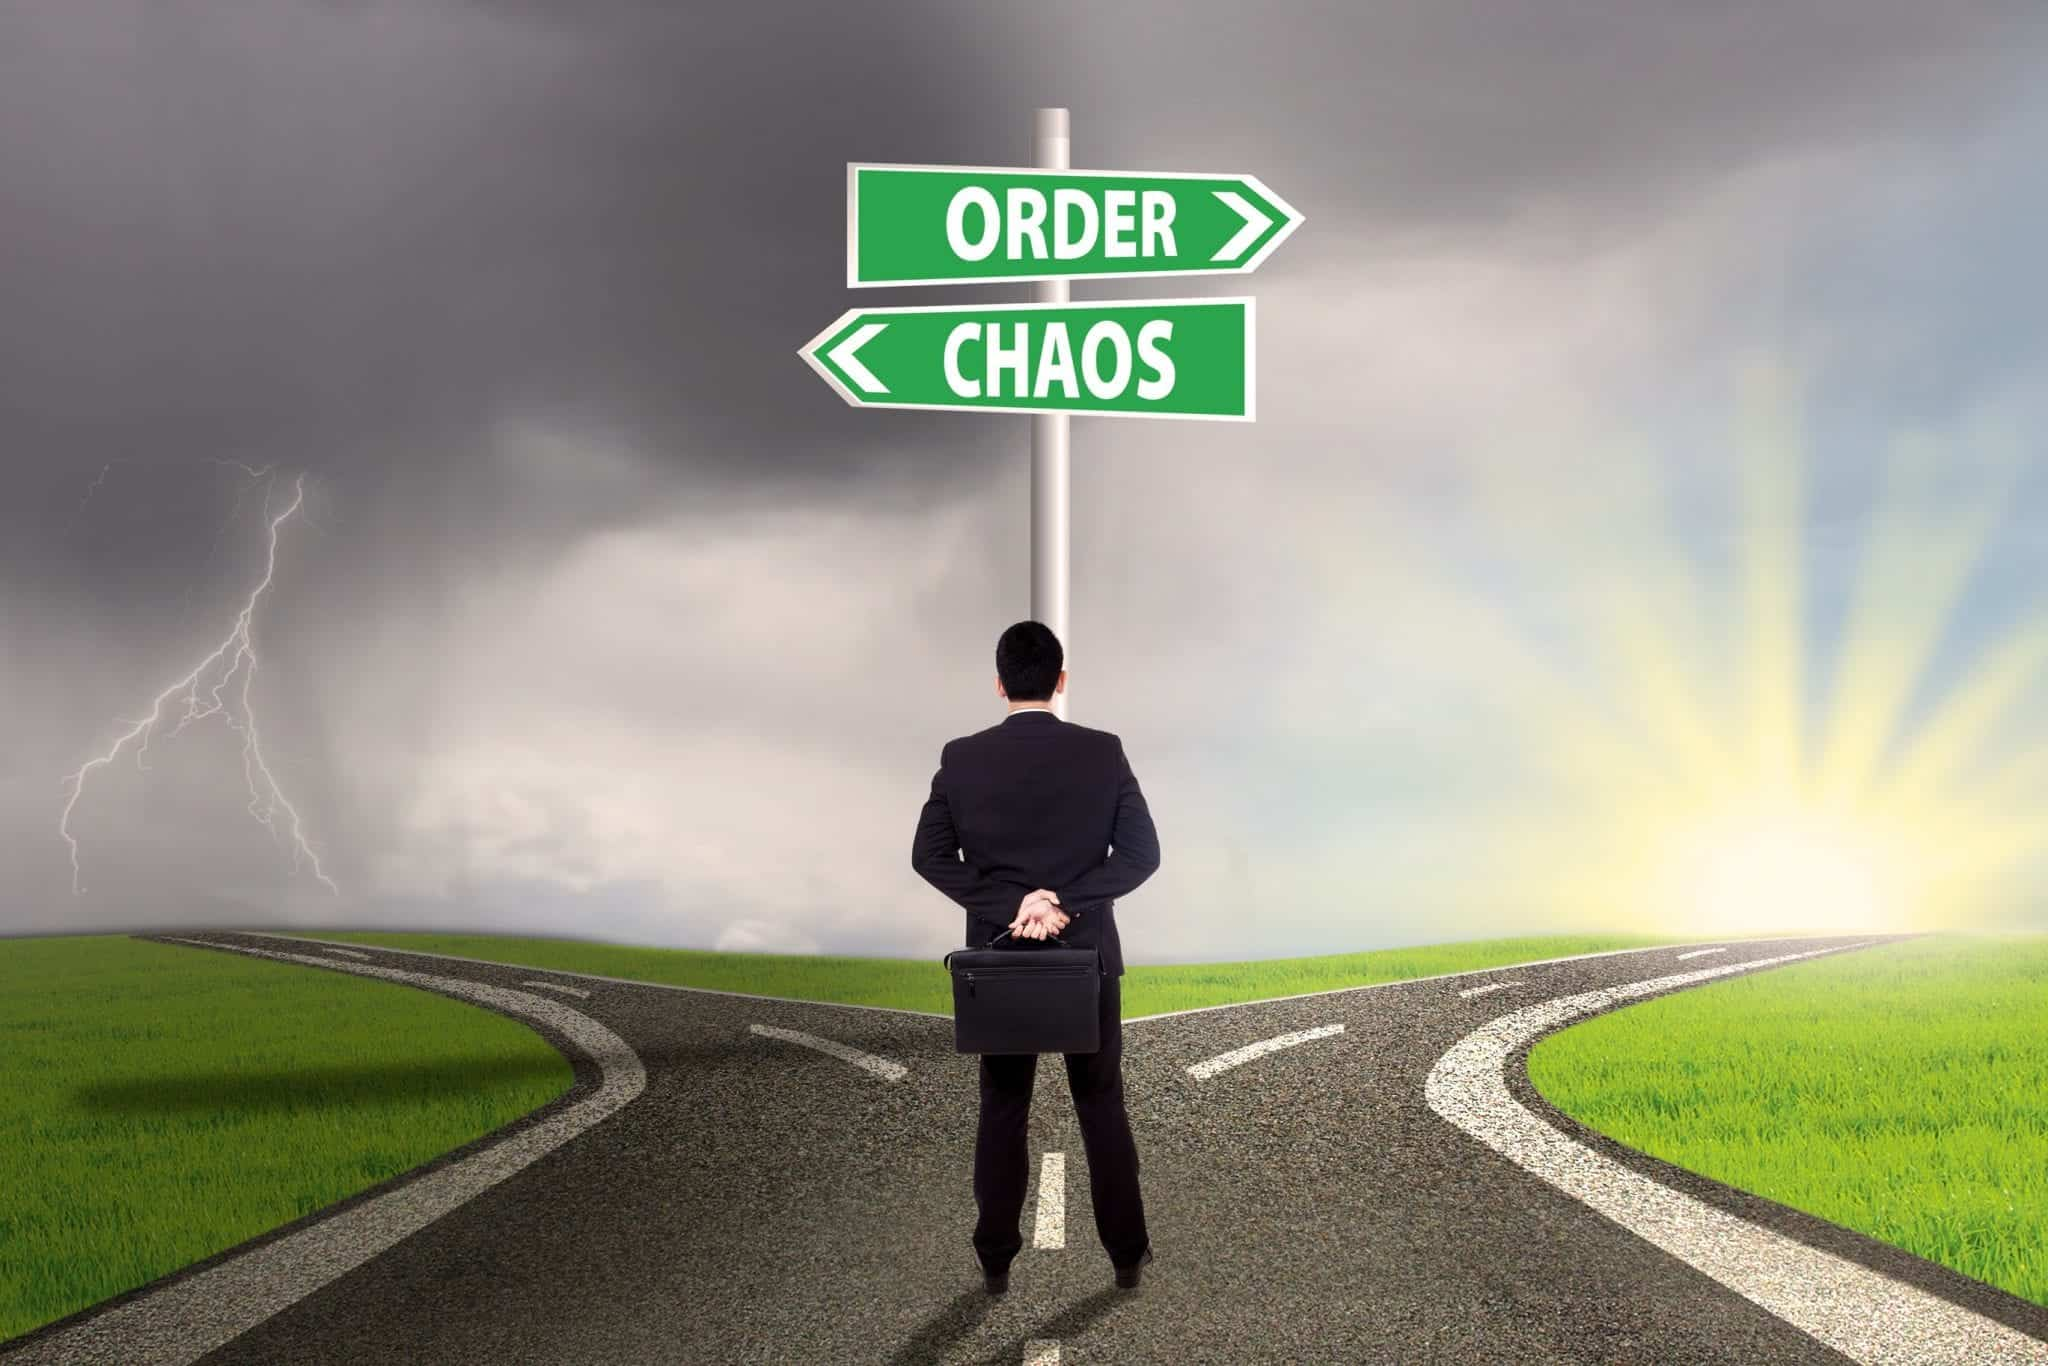 CIO voi päättää, kuinka paljon lisäarvoa IT pyrkii tuomaan yritykselle